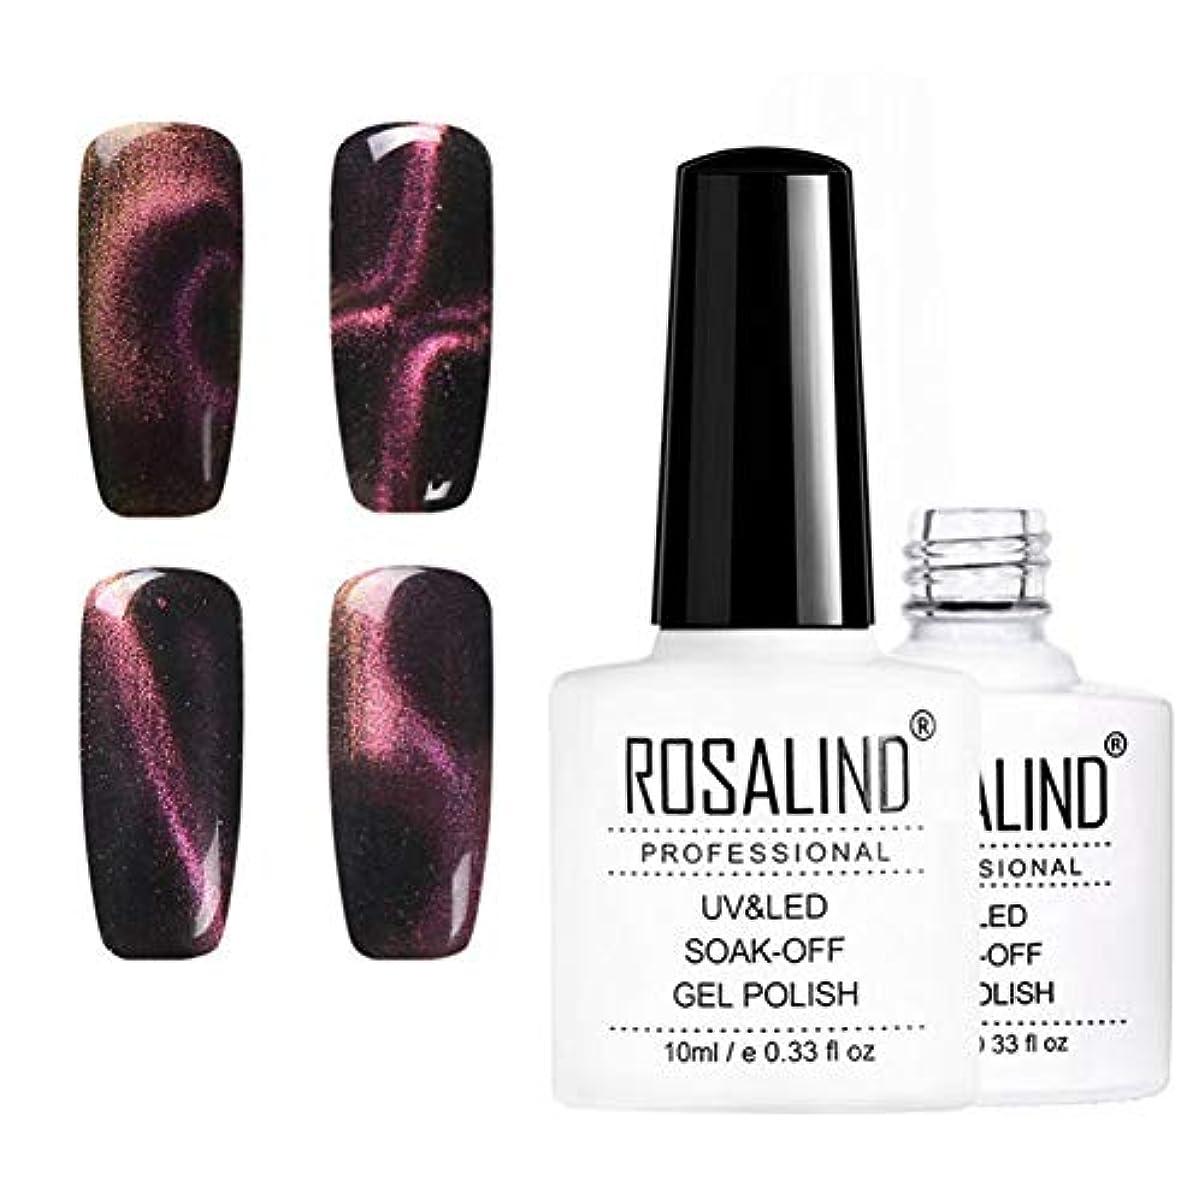 10mlキャットアイネイルニス、UV LEDネイルニス、6色、華麗で華麗な爪 (6pcs)